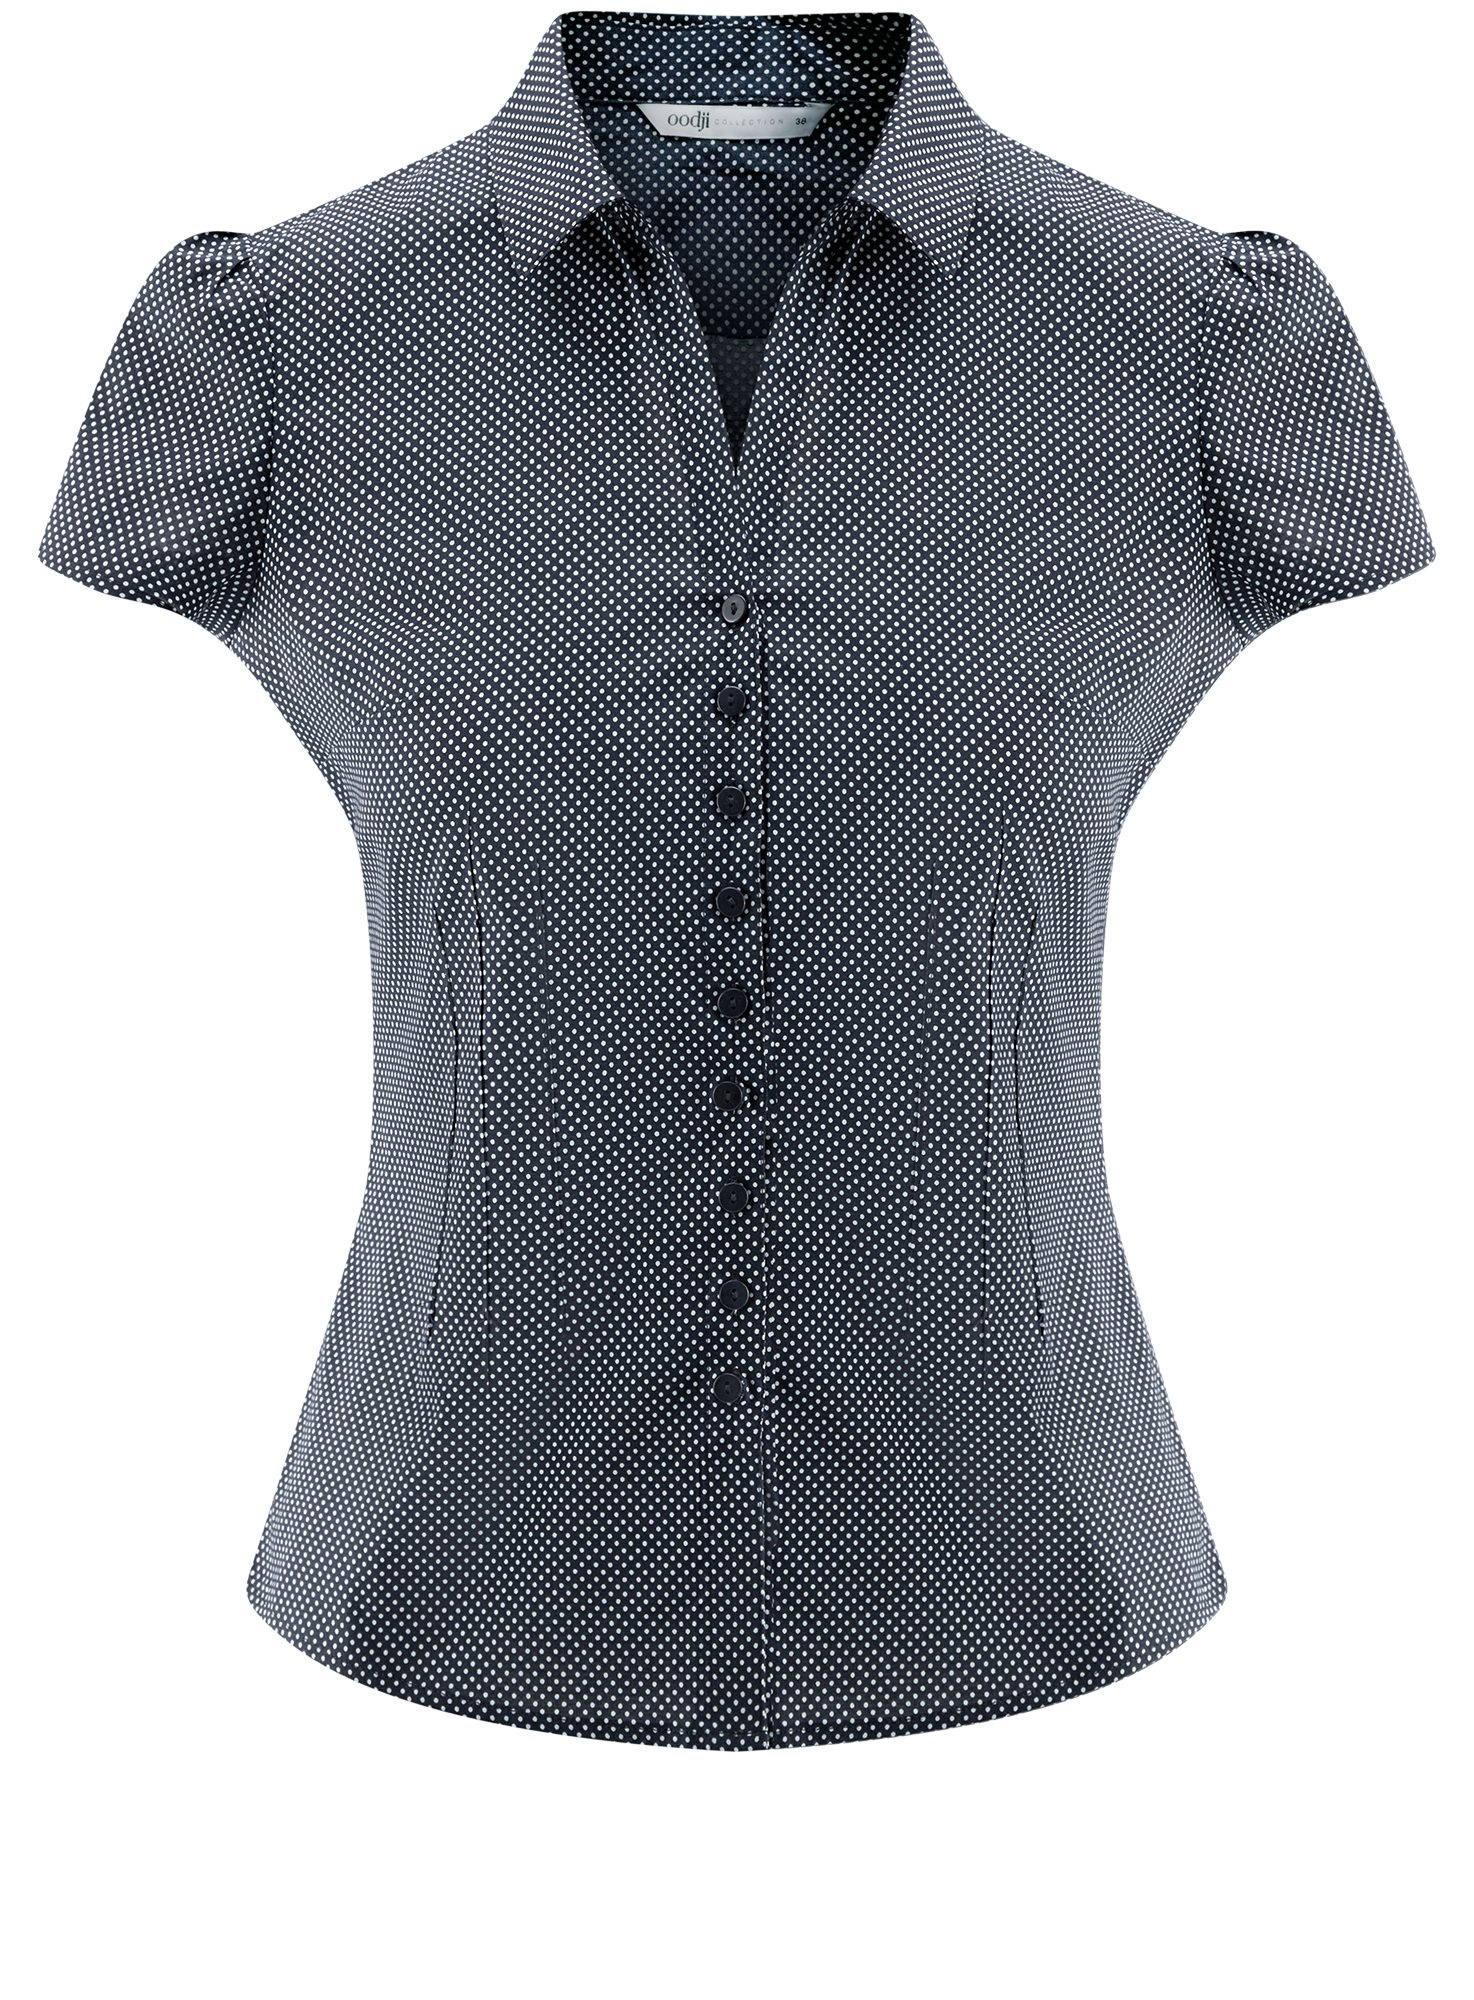 Блузка принтованная из легкой ткани oodji для женщины (синий), 21407022-9/12836/7910D